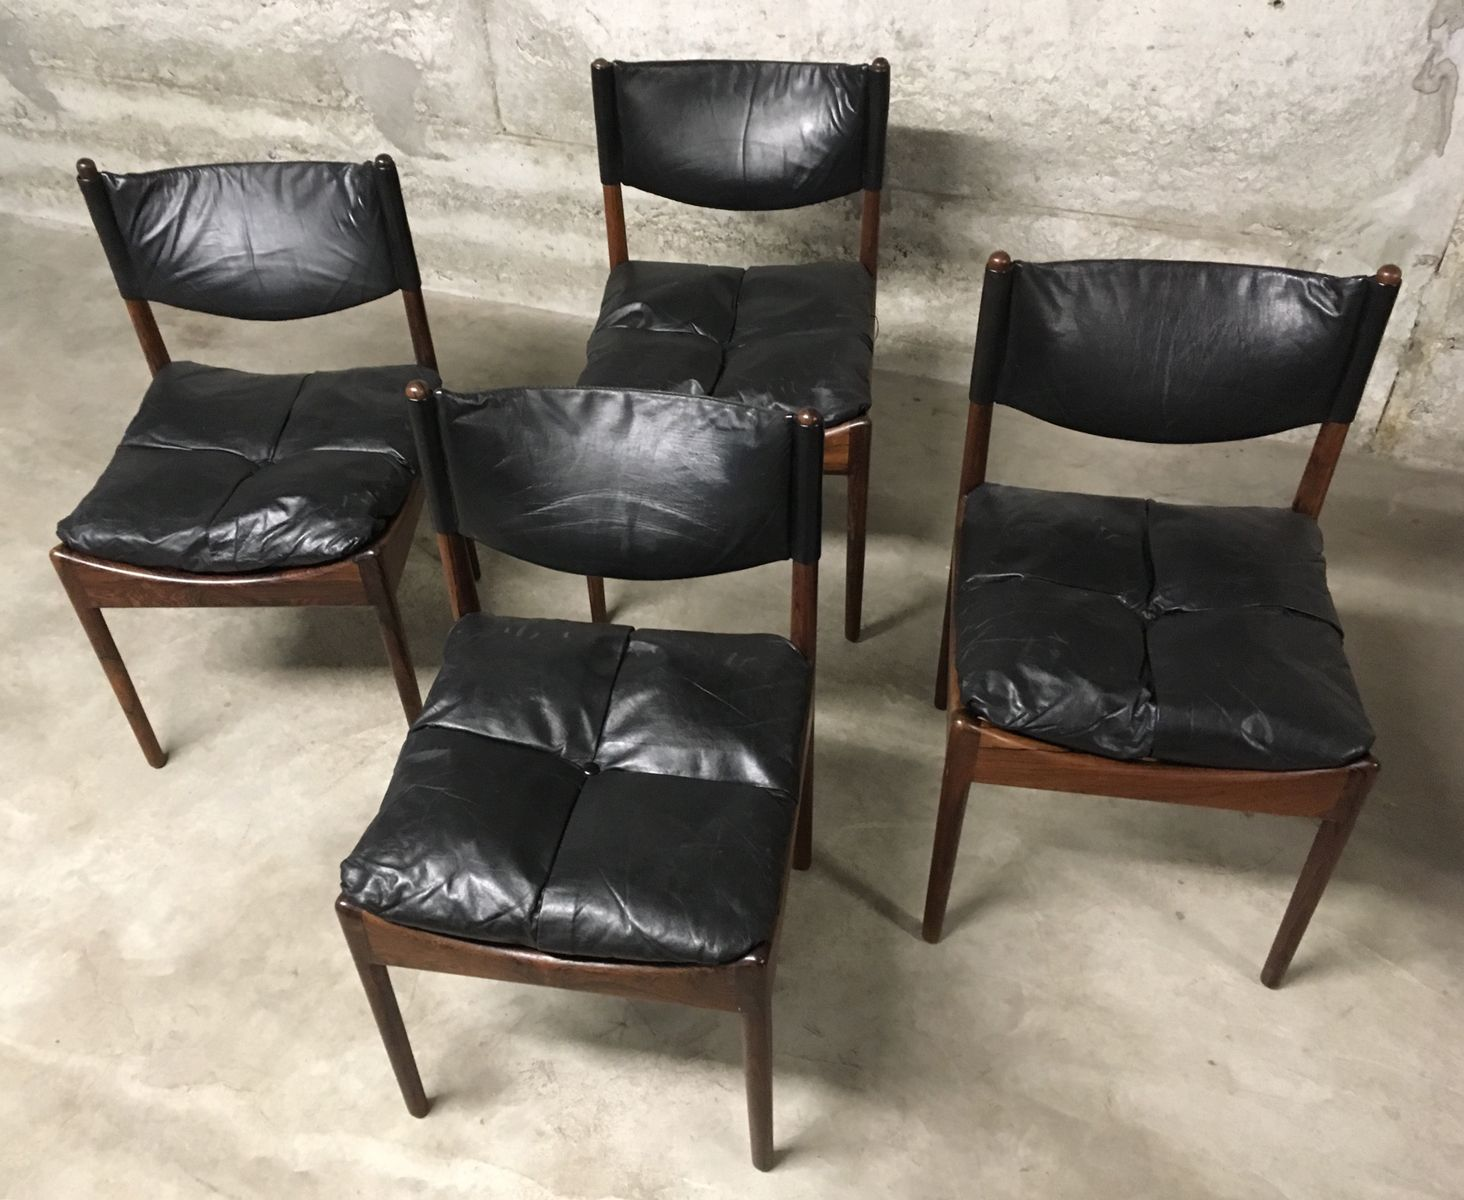 d nische mid century st hle aus rio palisander schwarzem leder von kristian vedel f r soren. Black Bedroom Furniture Sets. Home Design Ideas